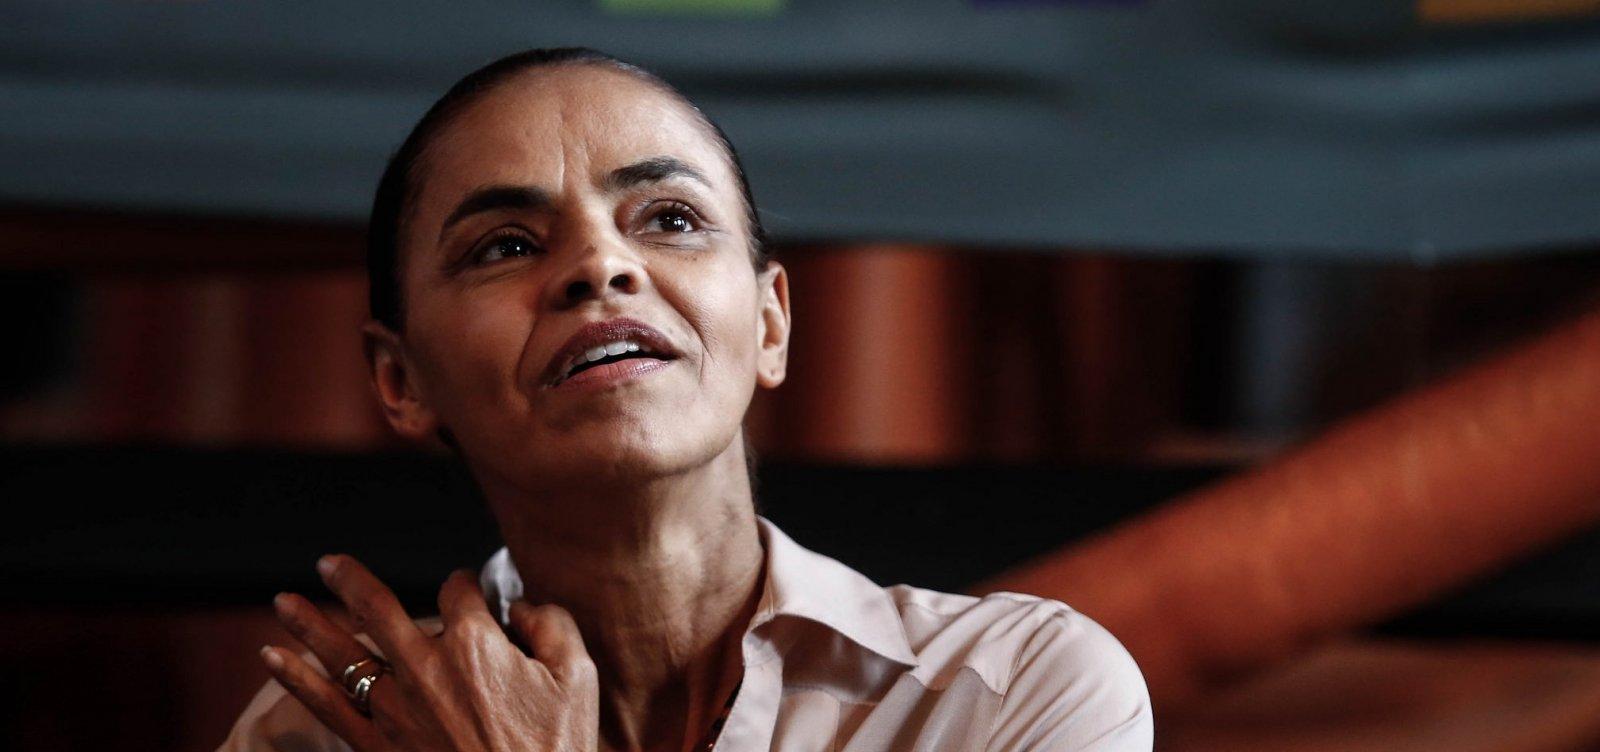 Partido de Marina Silva recomenda 'nenhum voto' em Bolsonaro